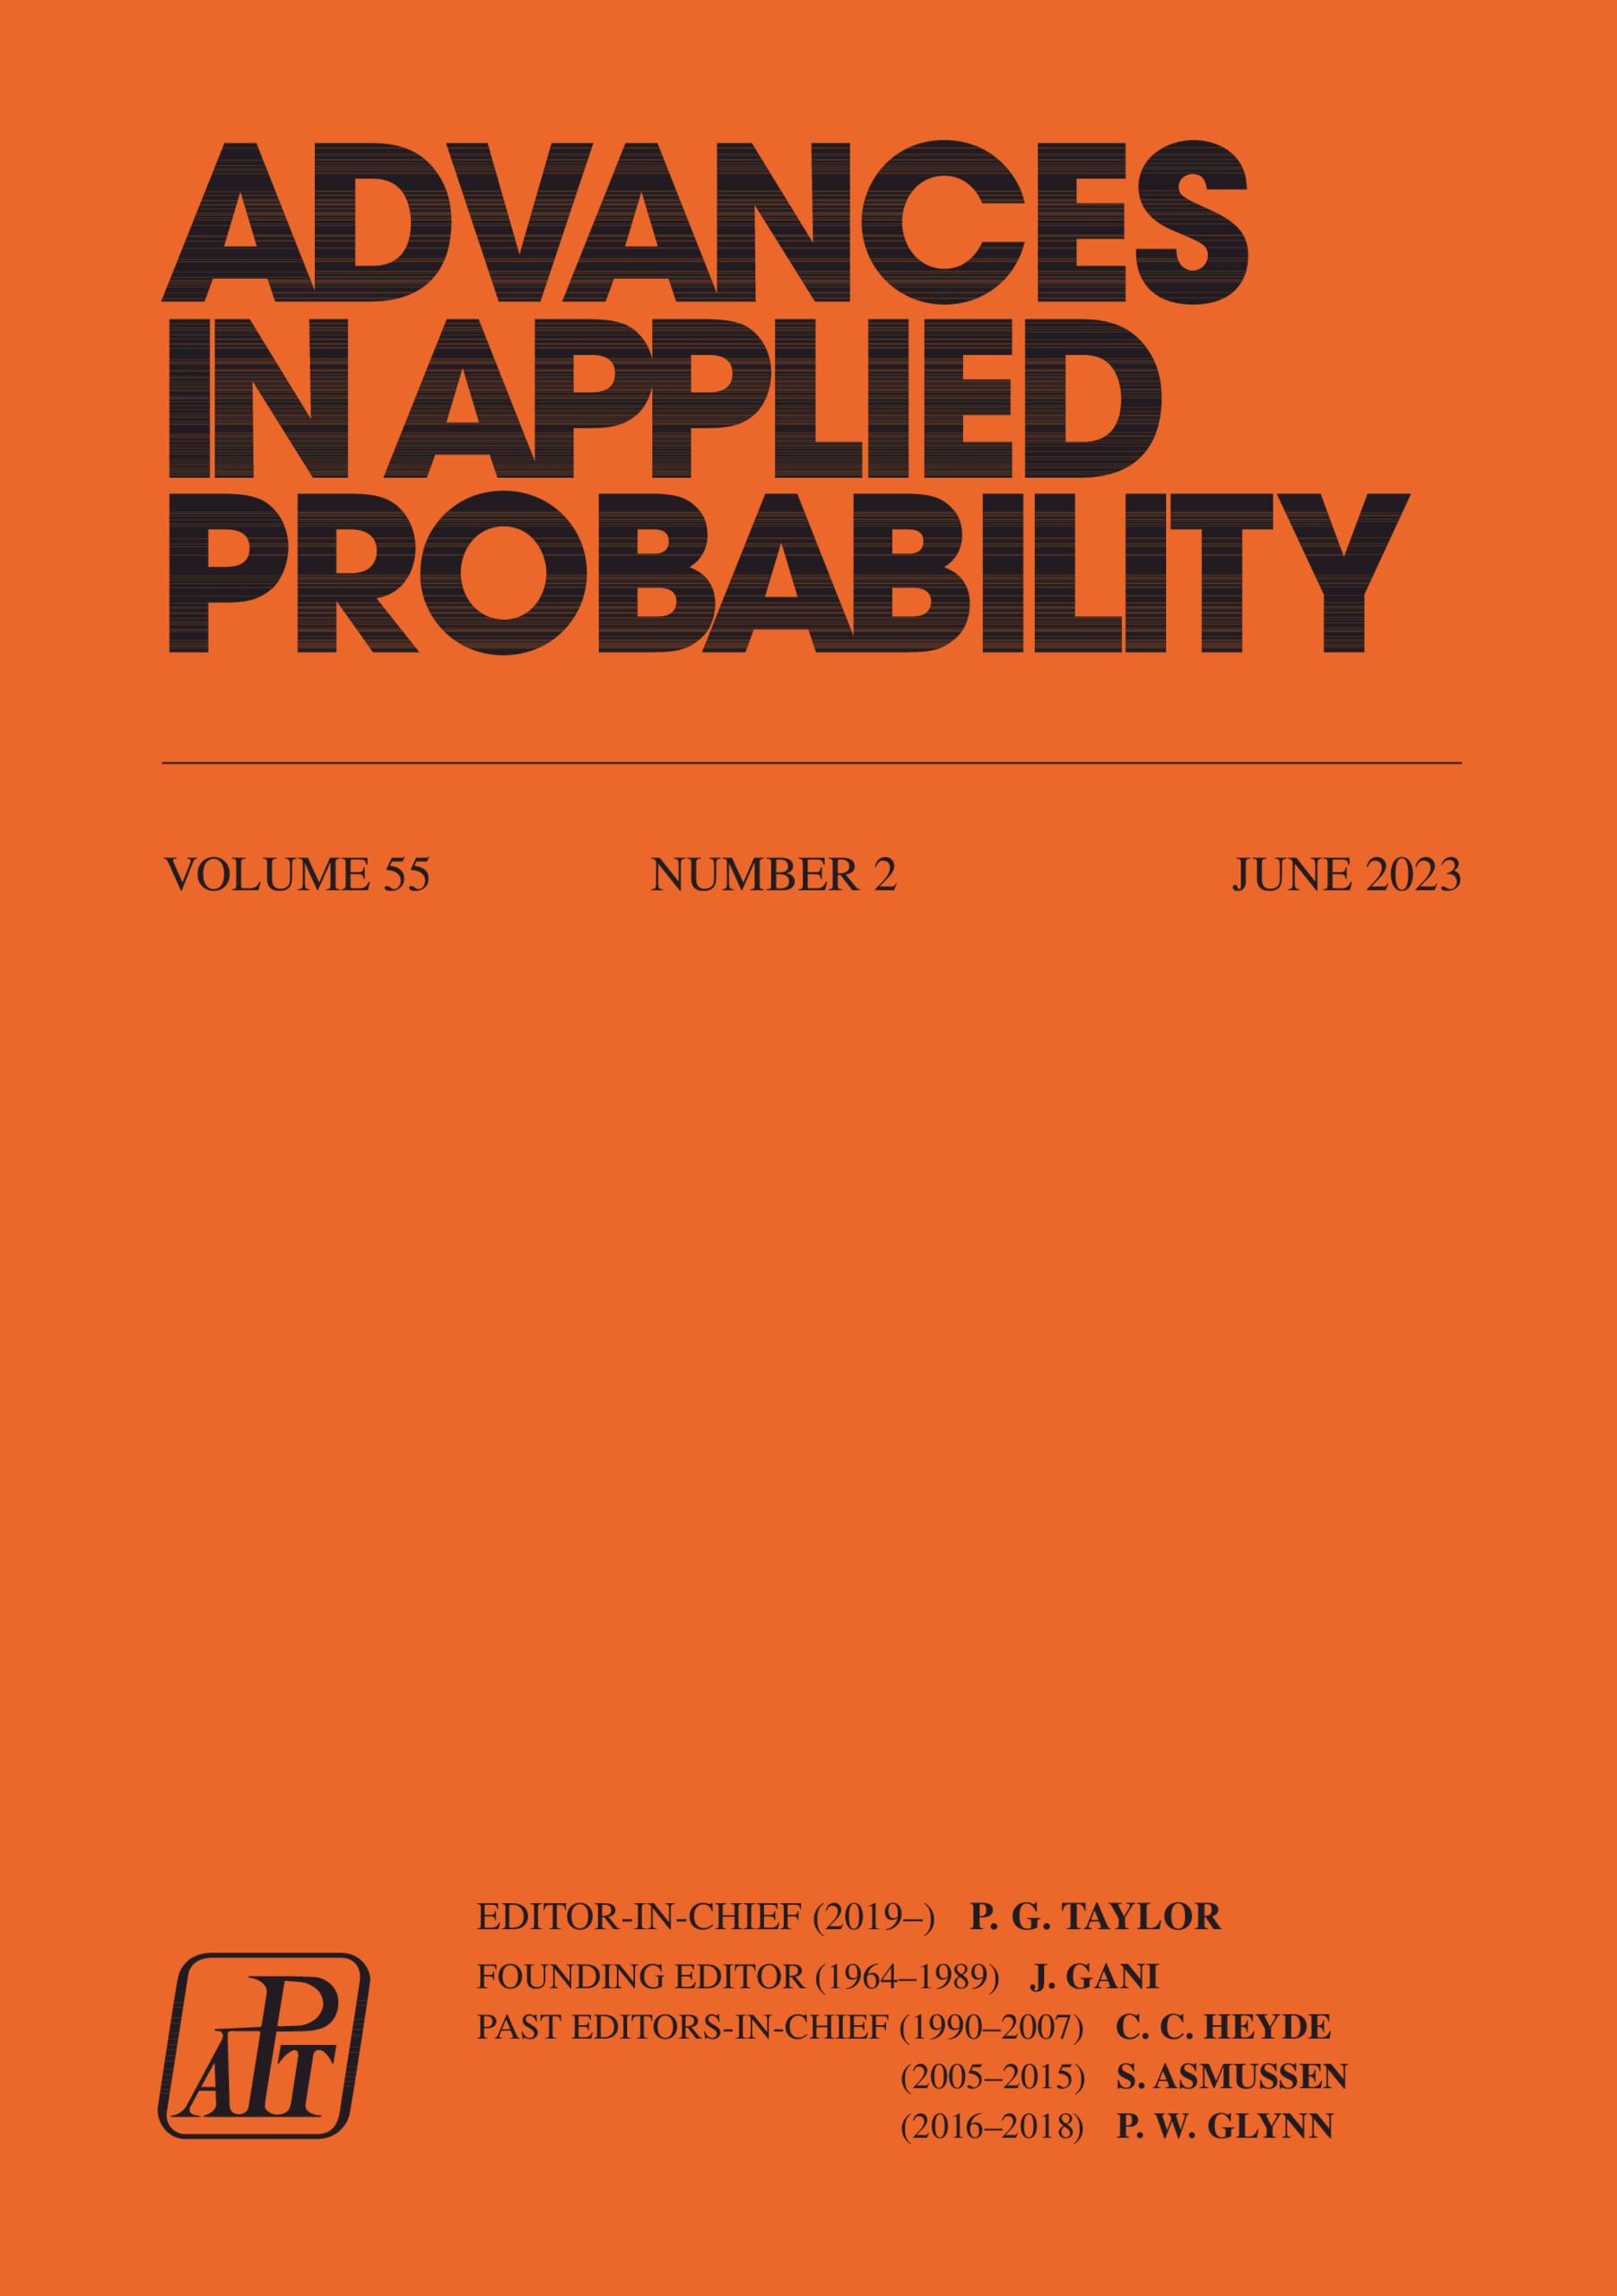 Advances in Applied Probability | Cambridge Core